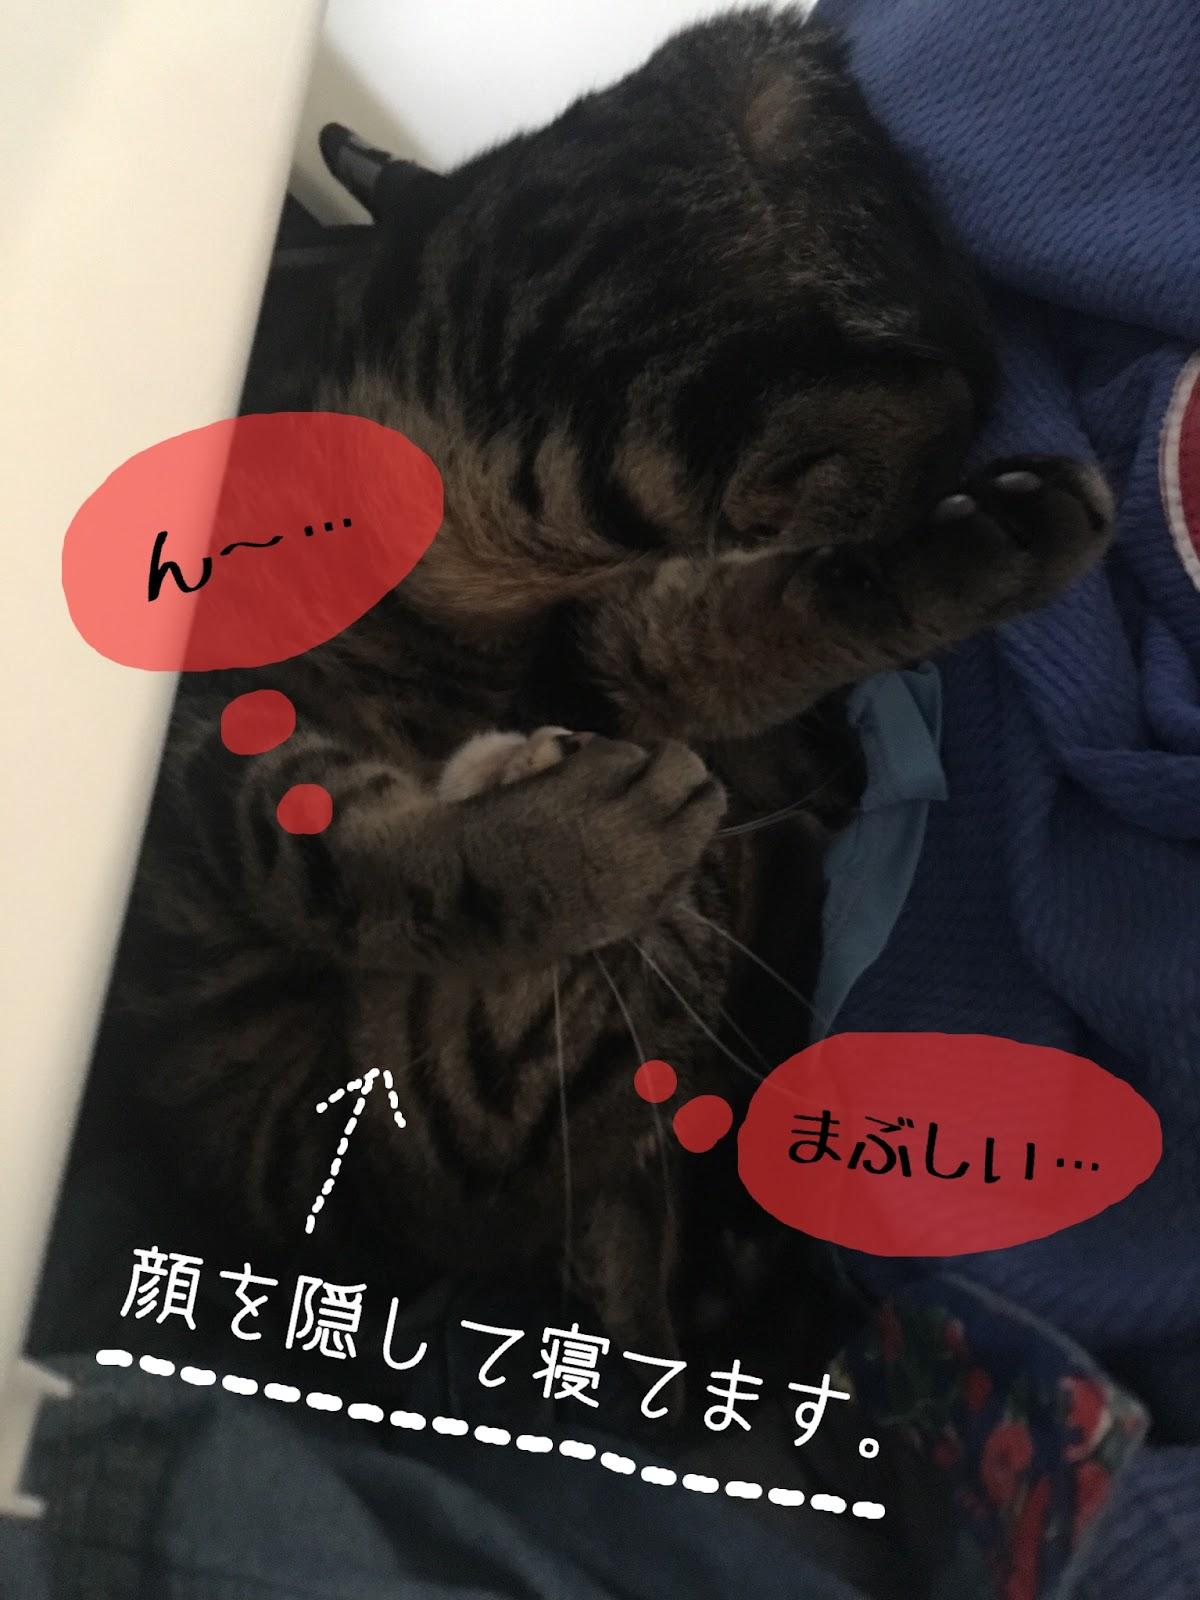 猫が顔をうずめて「ごめん寝」する理由